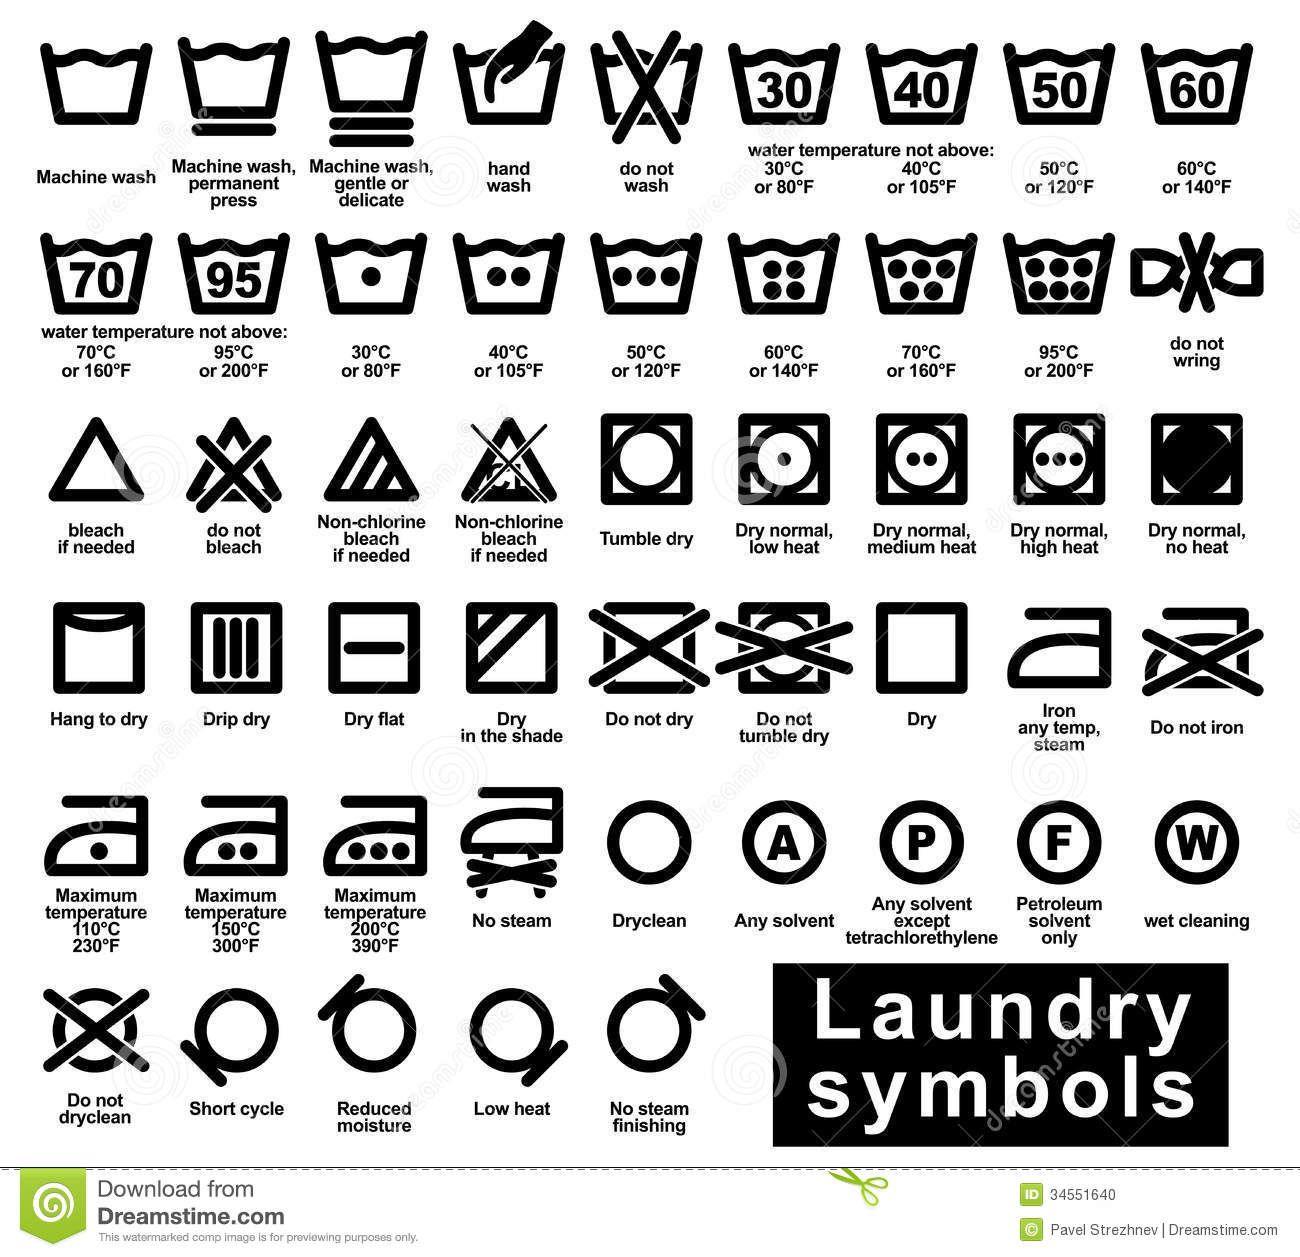 lululemon washing instructions symbols